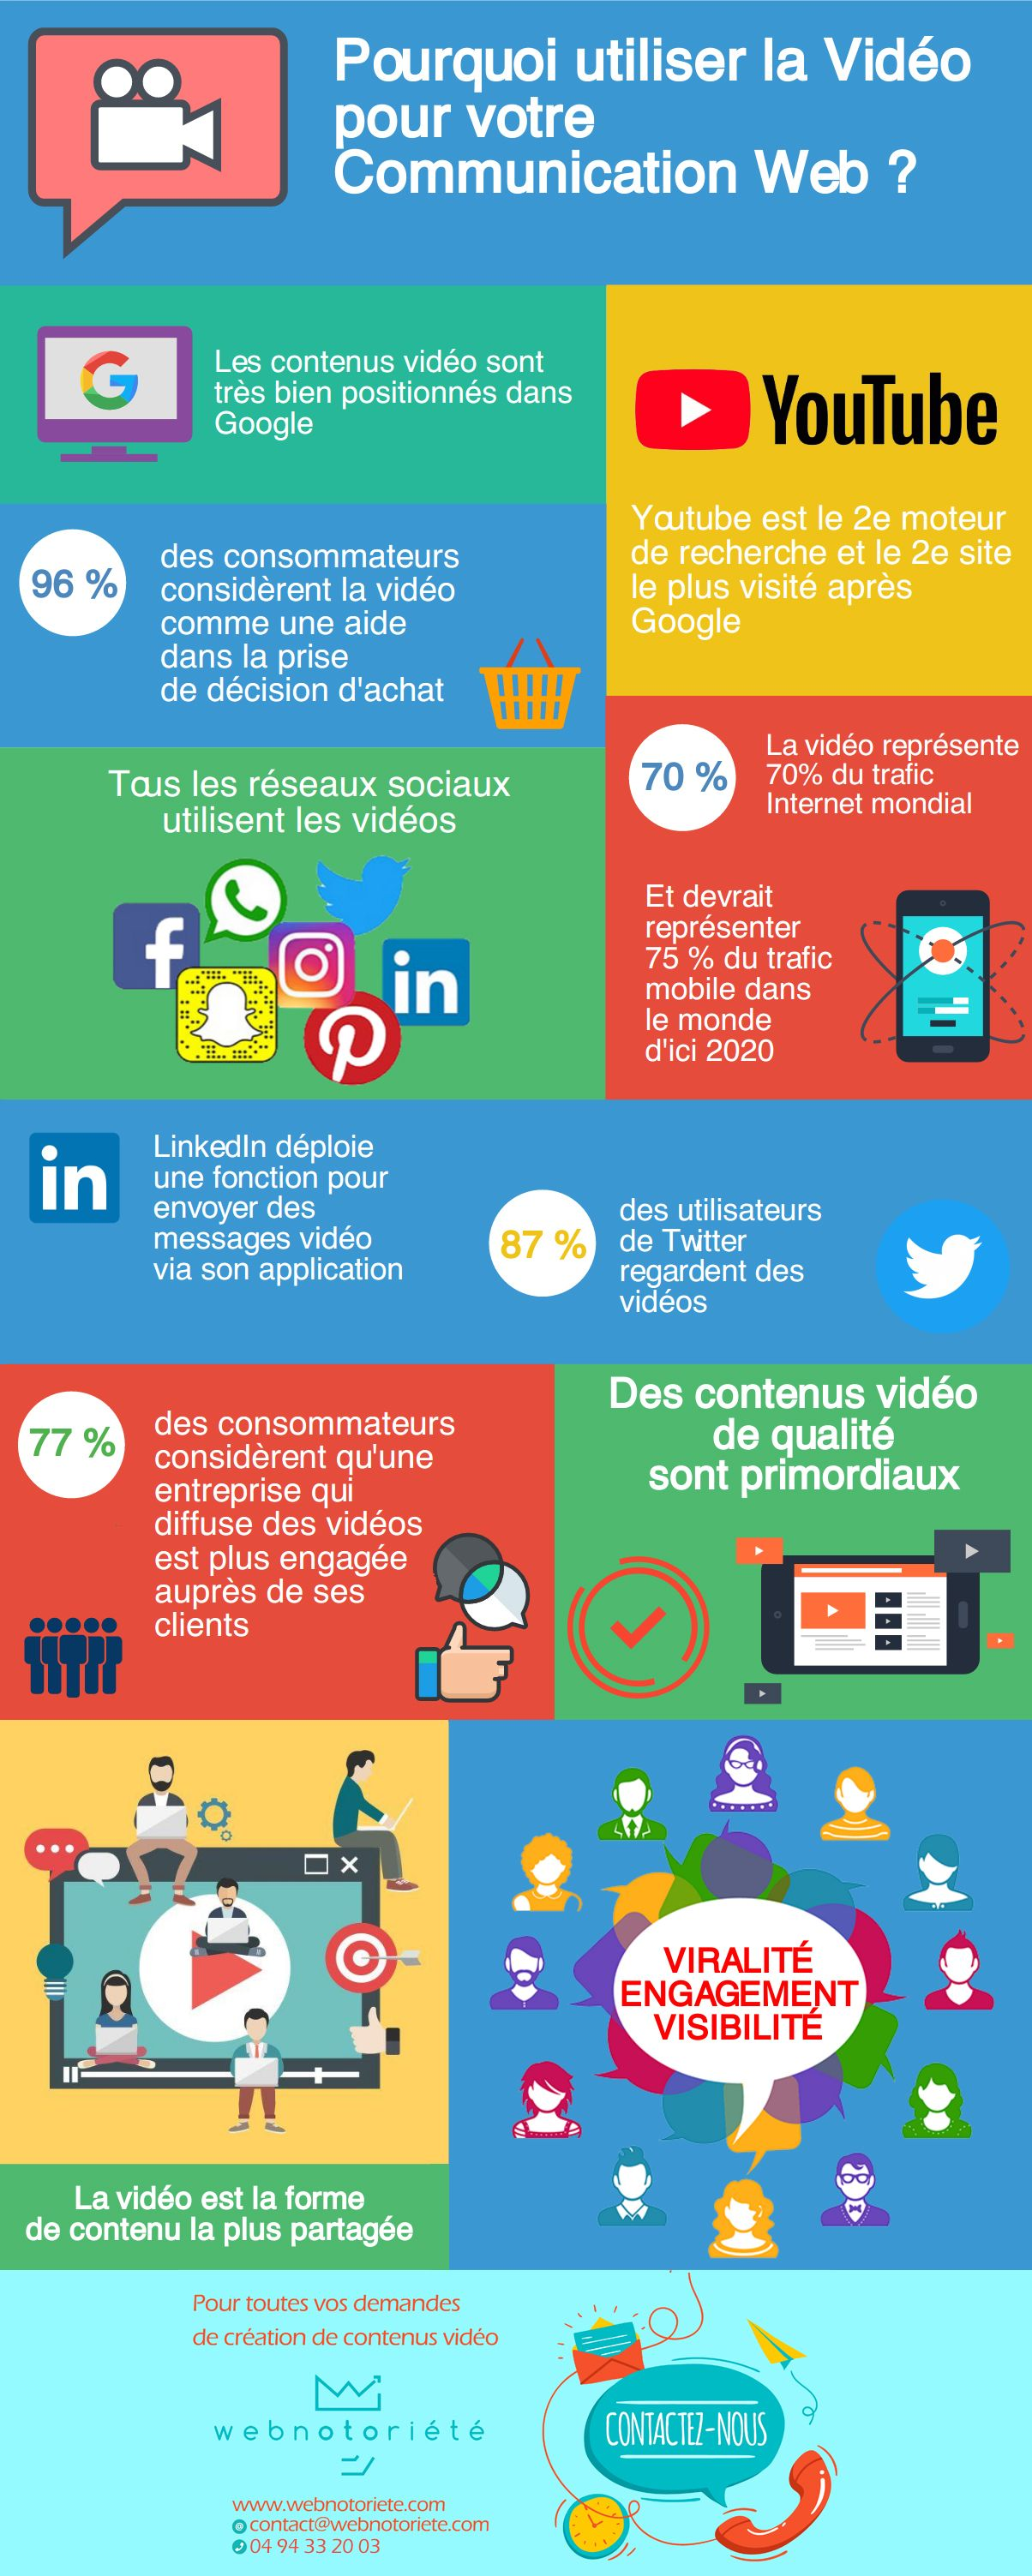 Choisir La Video Pour Votre Communication Web Infographie Communication Reseaux Sociaux Agence De Communication